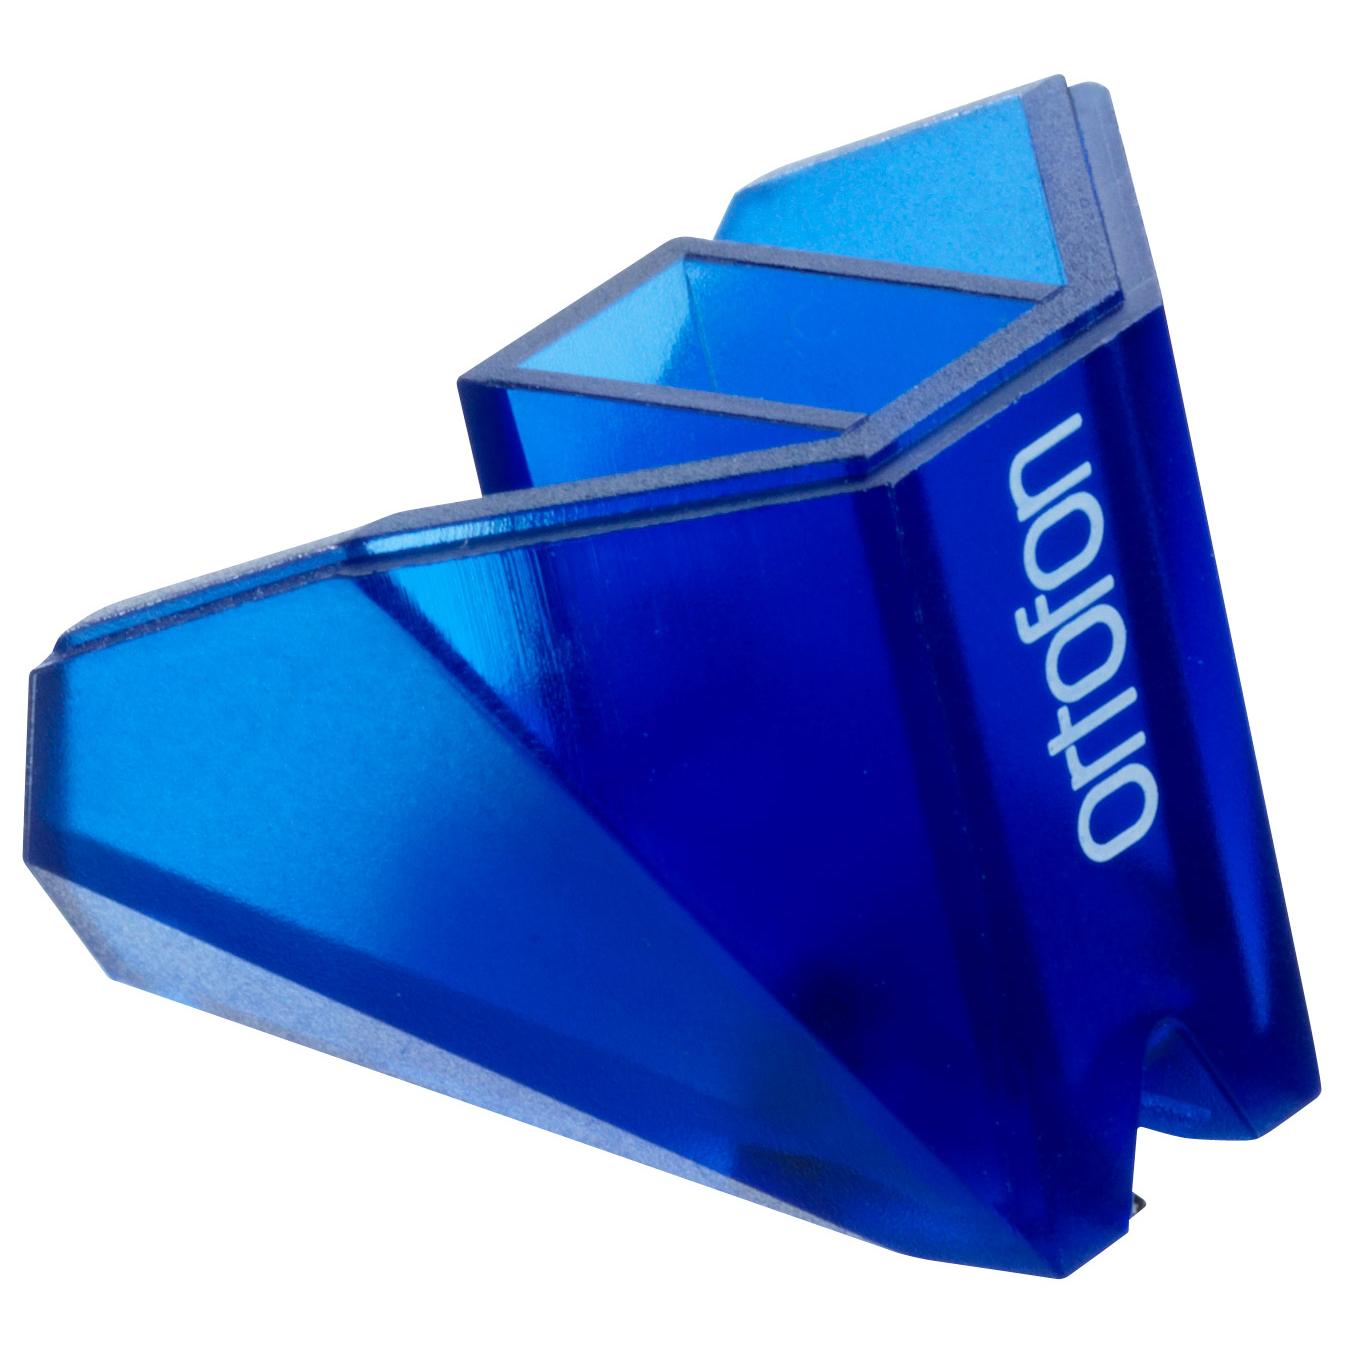 Ortofon 2M Blue naald/ vervaningsnaald